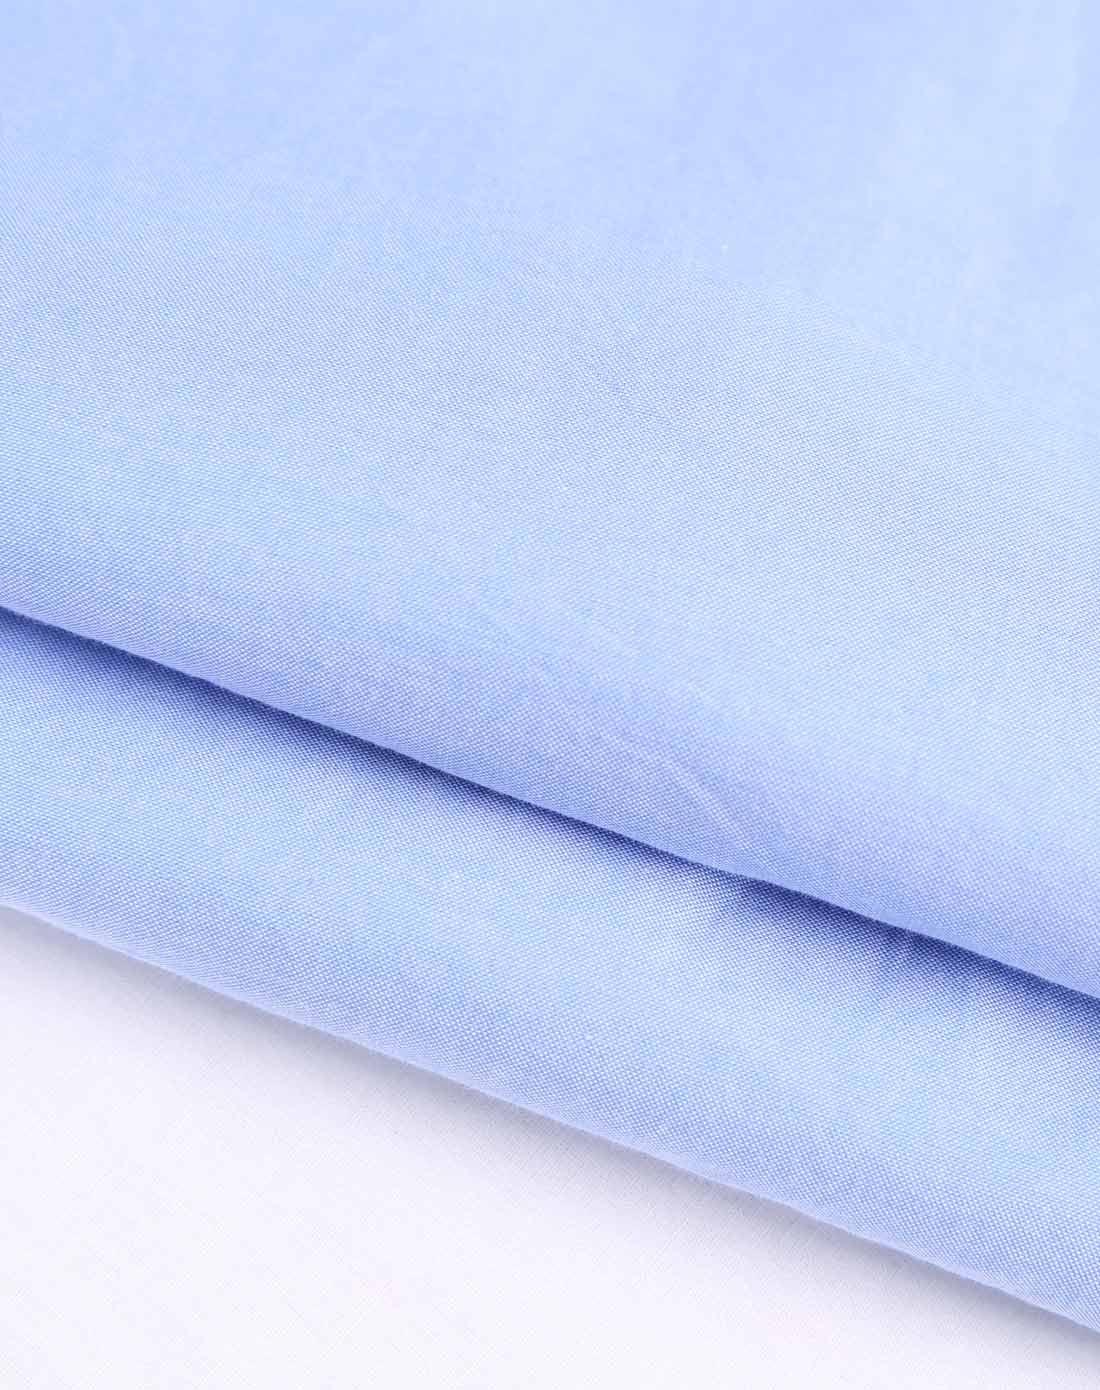 纯色百搭浅蓝色短袖衬衫